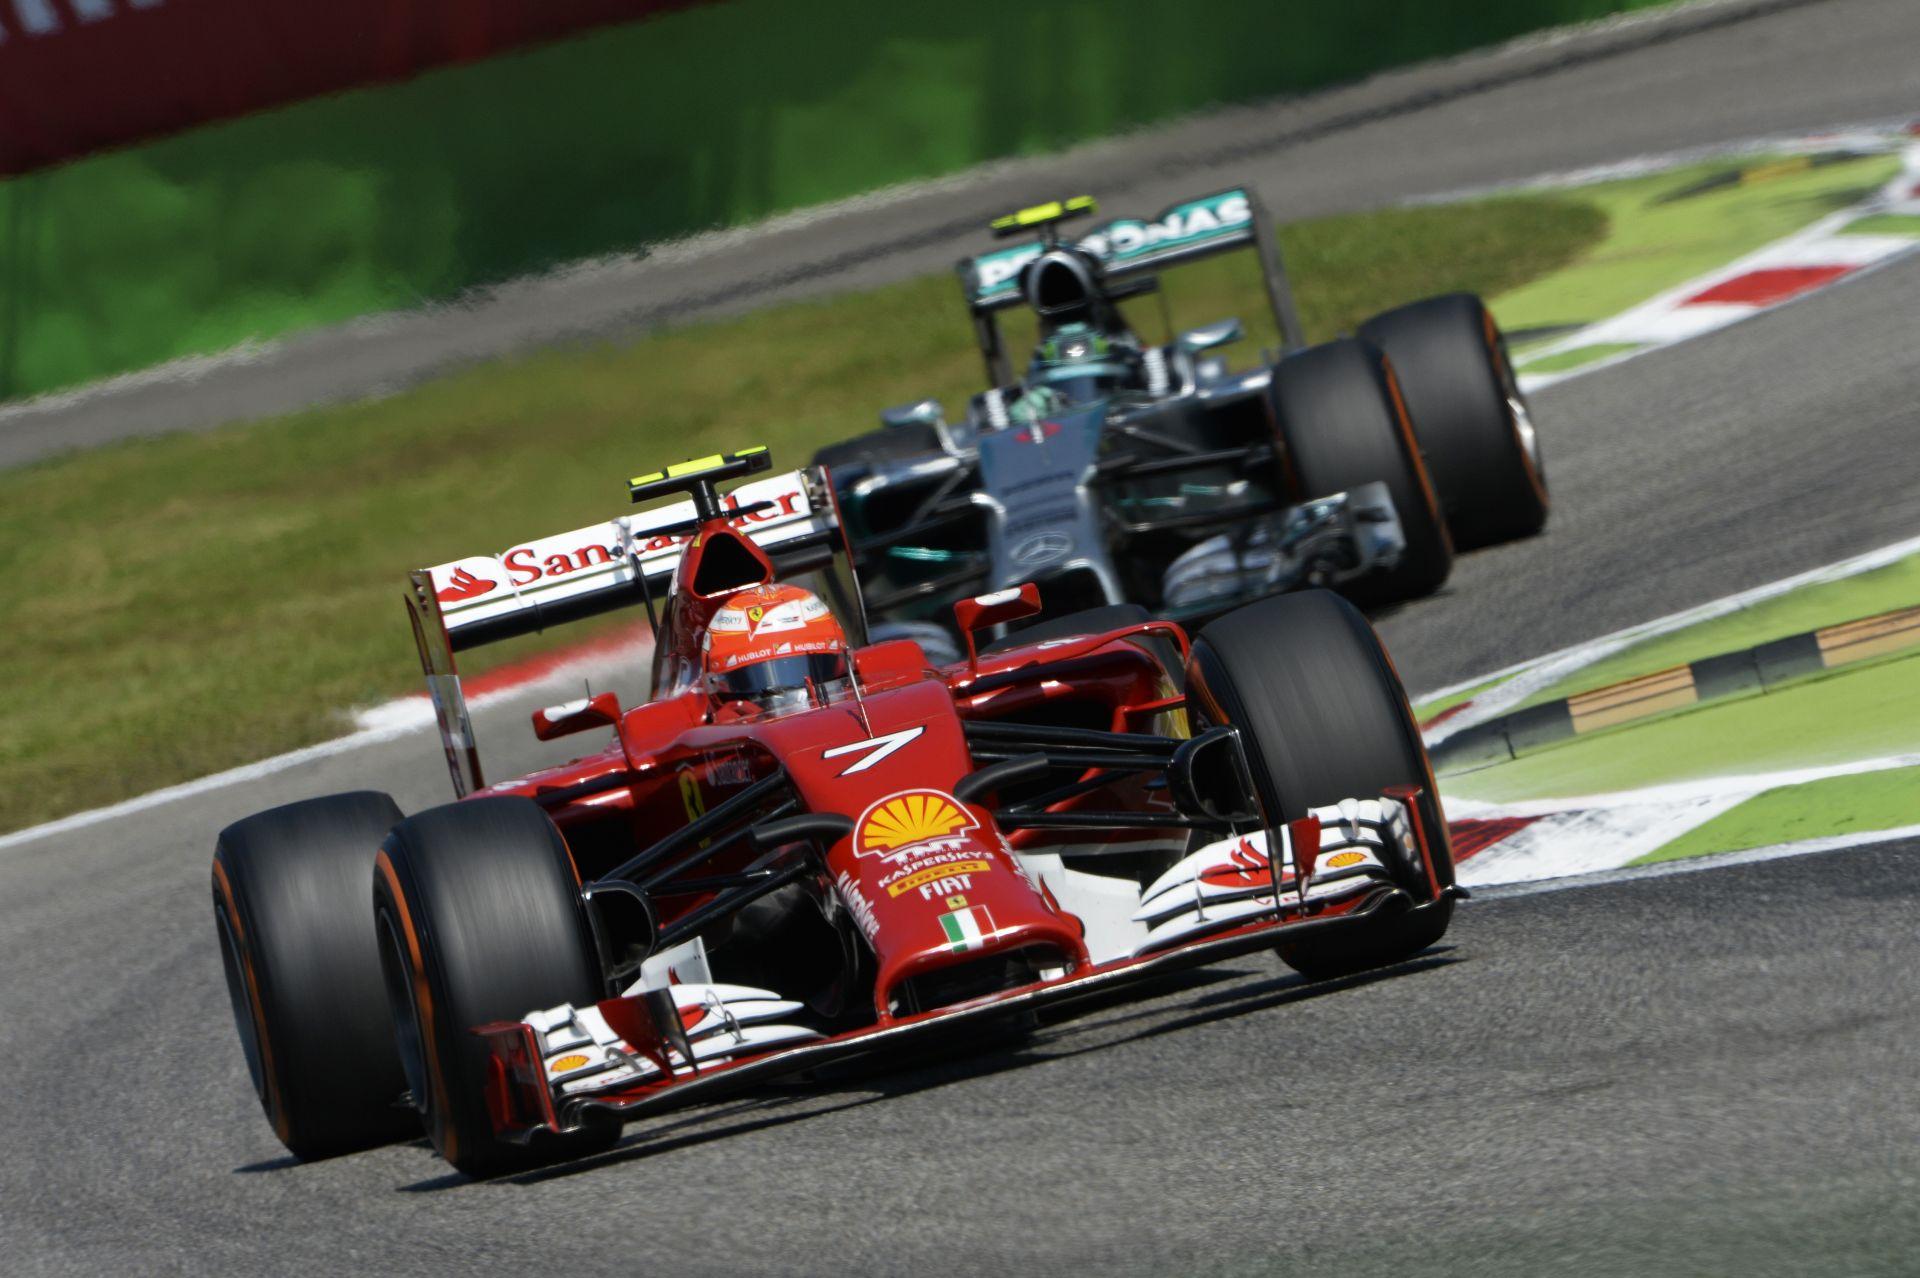 Így vezeti Raikkönen a 2014-es Ferrarit Monzában